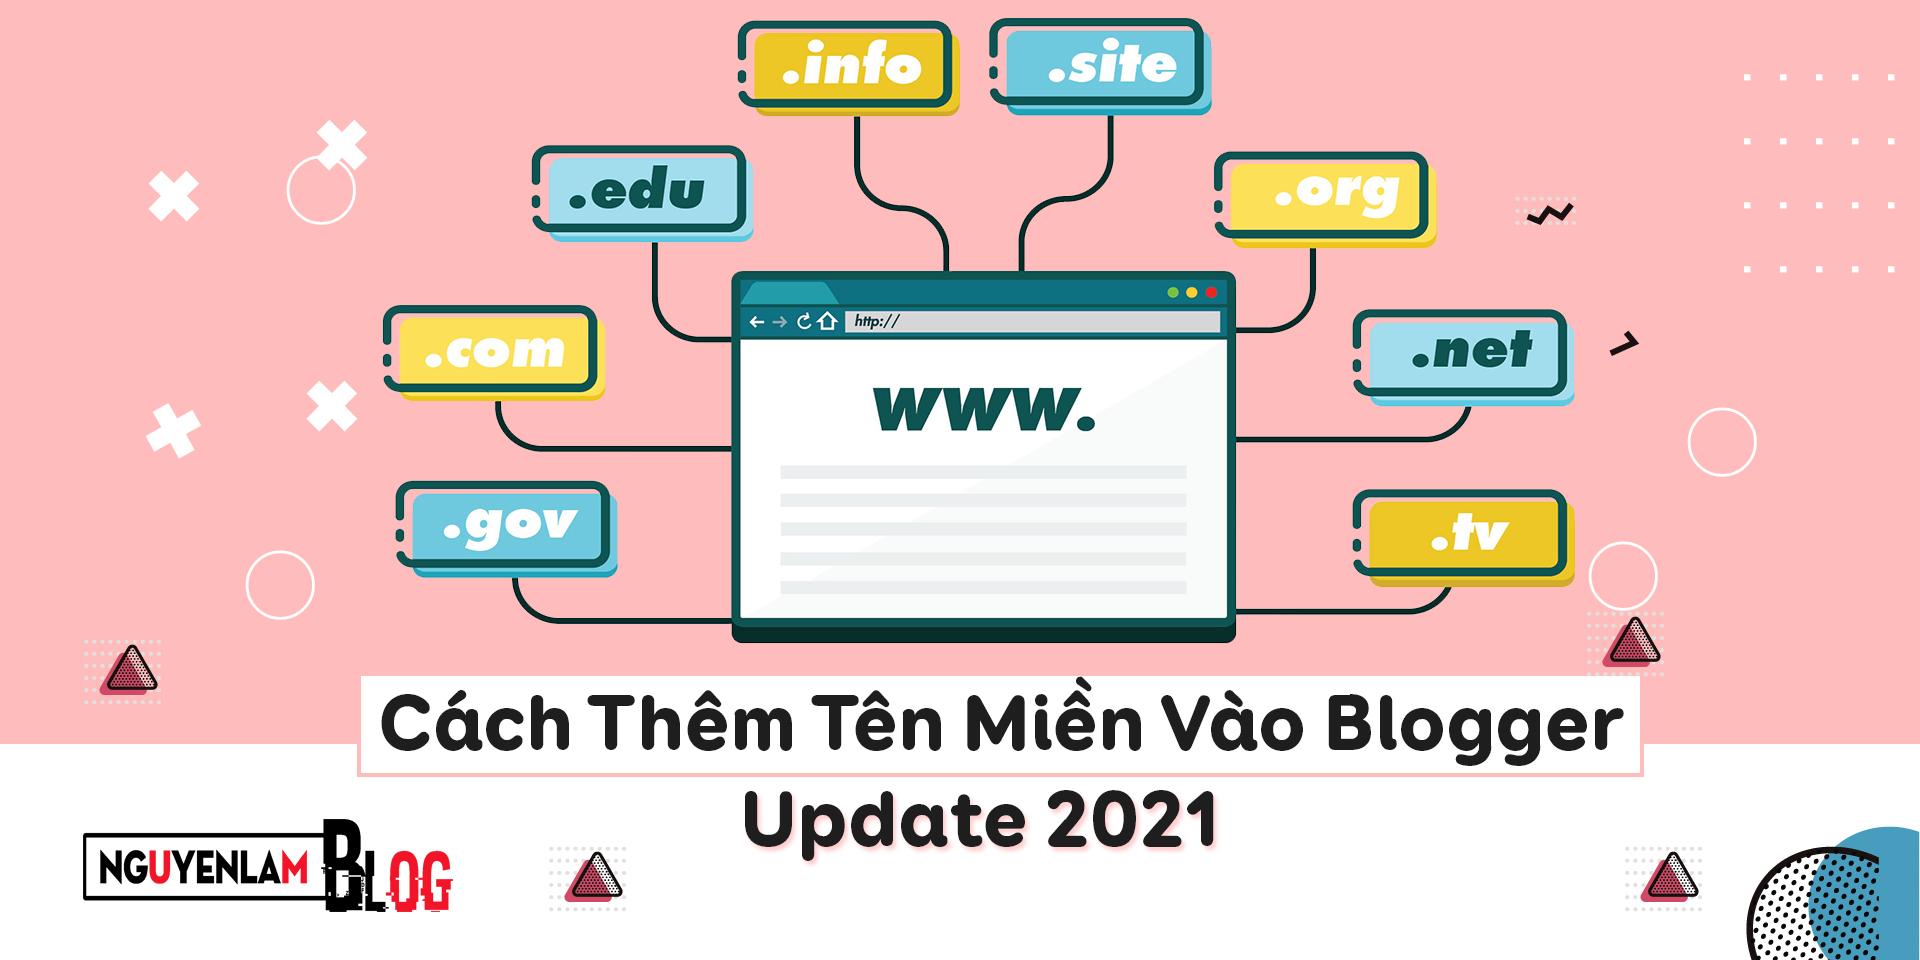 Nguyễn Lâm Blog - Cách Thêm Tên Miền Vào Blogger Update 2021